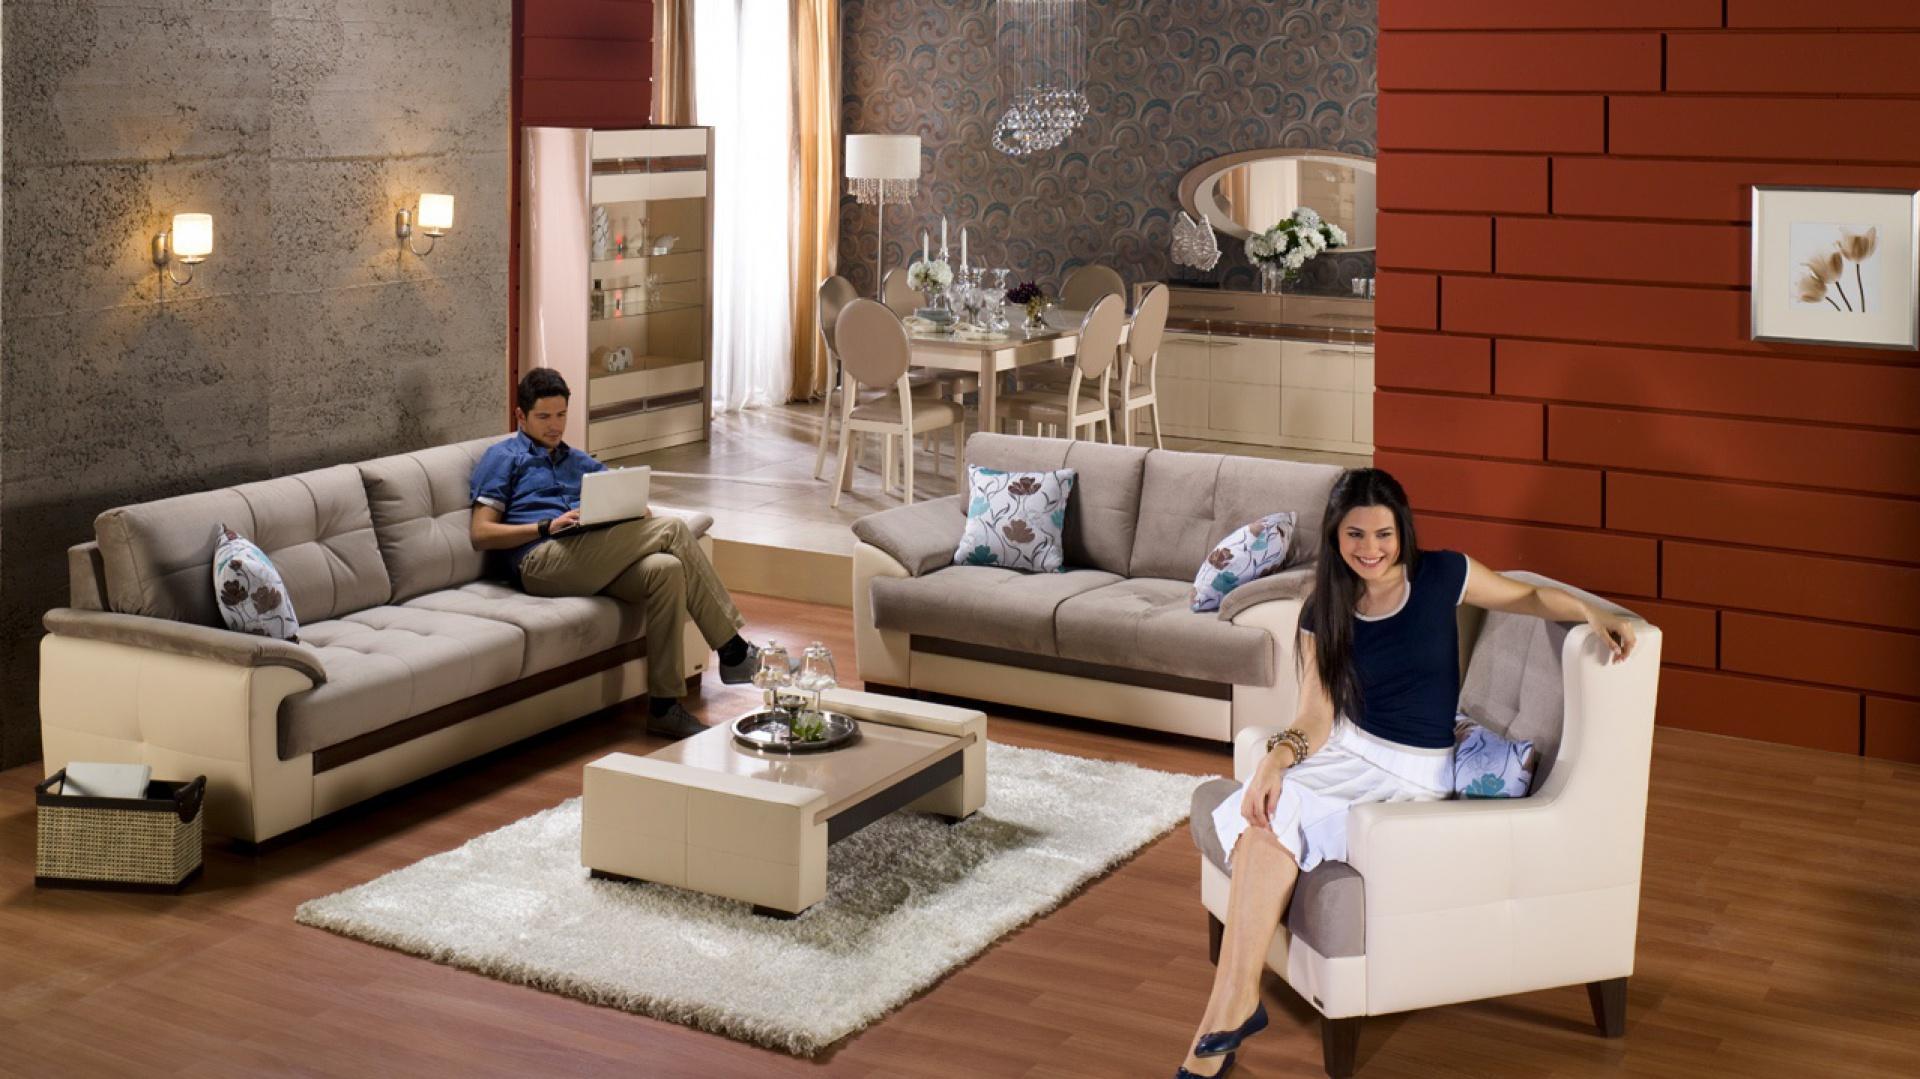 Trzy siedziska różnych wielkości w jednym pomieszczeniu: duża kanapa, dwuosobowa sofa oraz fotel. Fot. Istikbal.